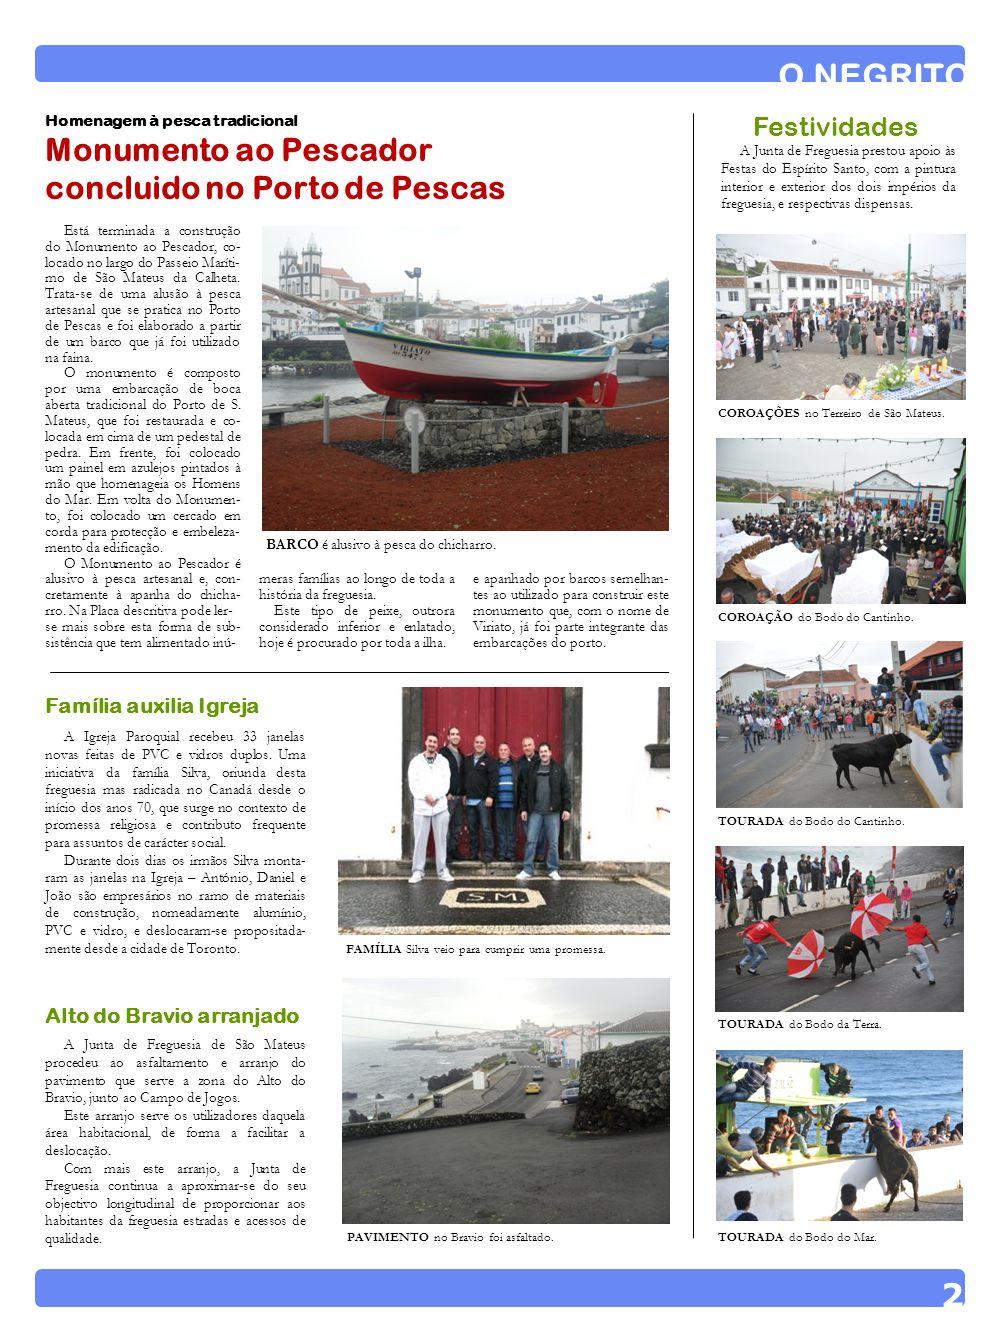 O NEGRITO 2 Monumento ao Pescador concluido no Porto de Pescas